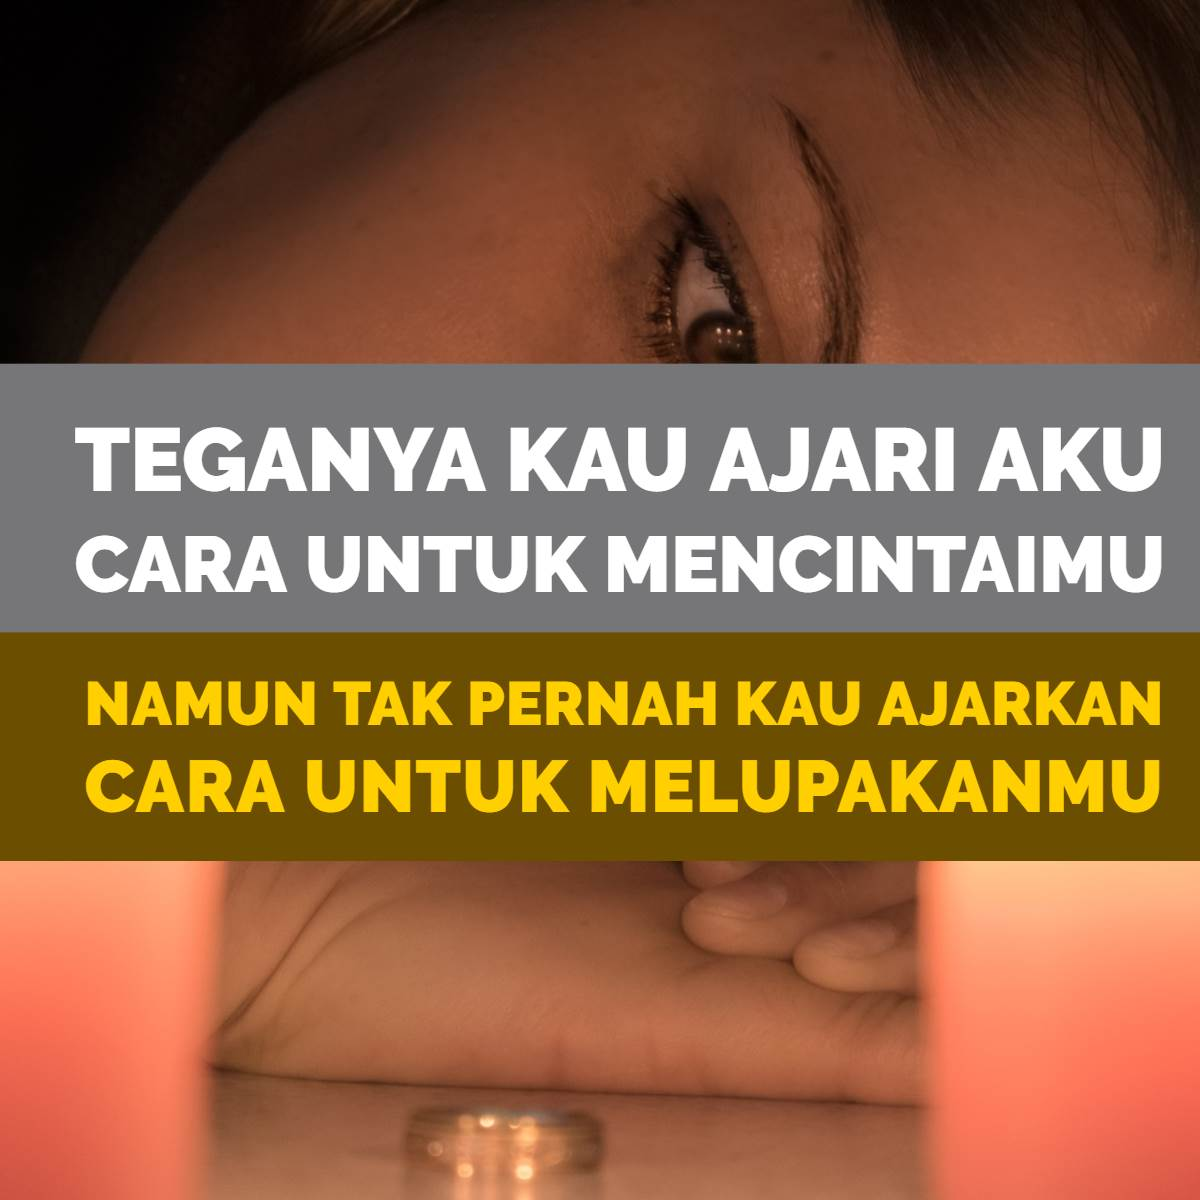 1200+ Kata Kata Sedih Karena Cinta   Putus, Patah Hati, Galau & Kecewa ~ diedit.com